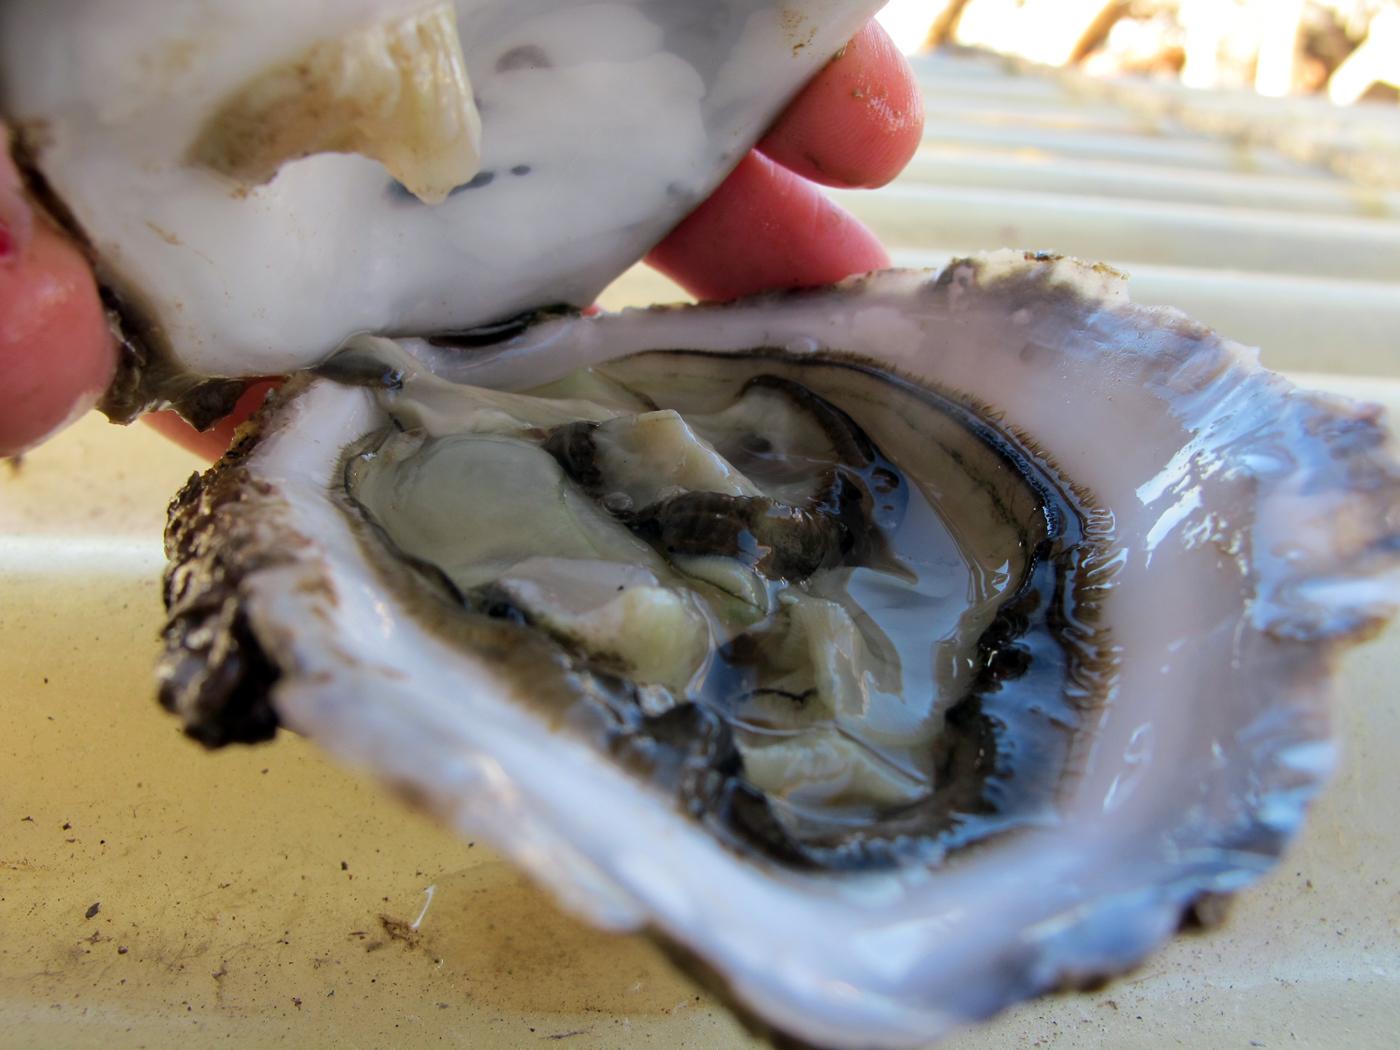 Las ostras Les Perles de València se cultivan en el Puerto de Valencia